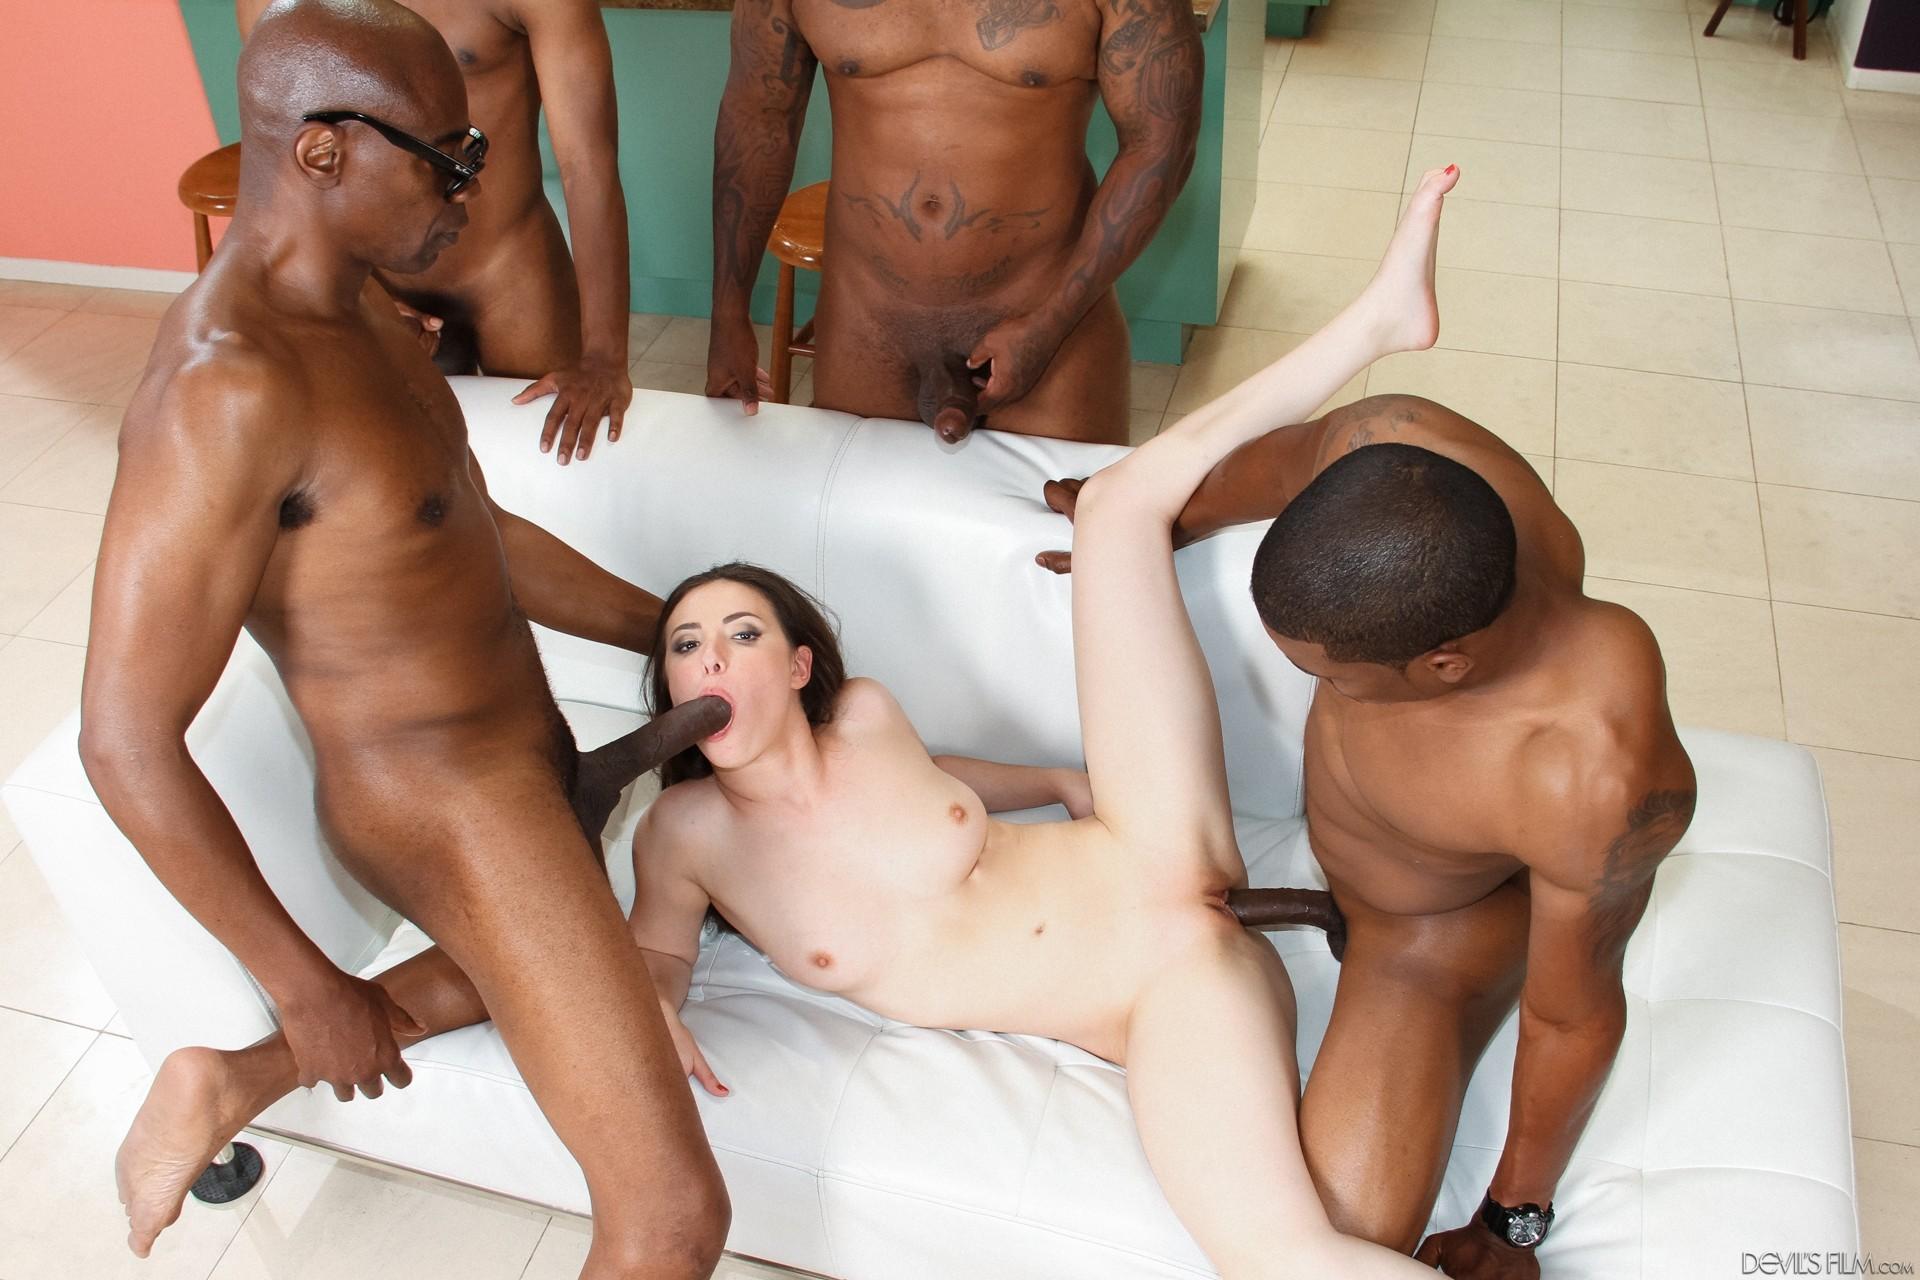 Смотреть порно три негра, Порно с неграми. Темнокожие парни трахают женщин 21 фотография